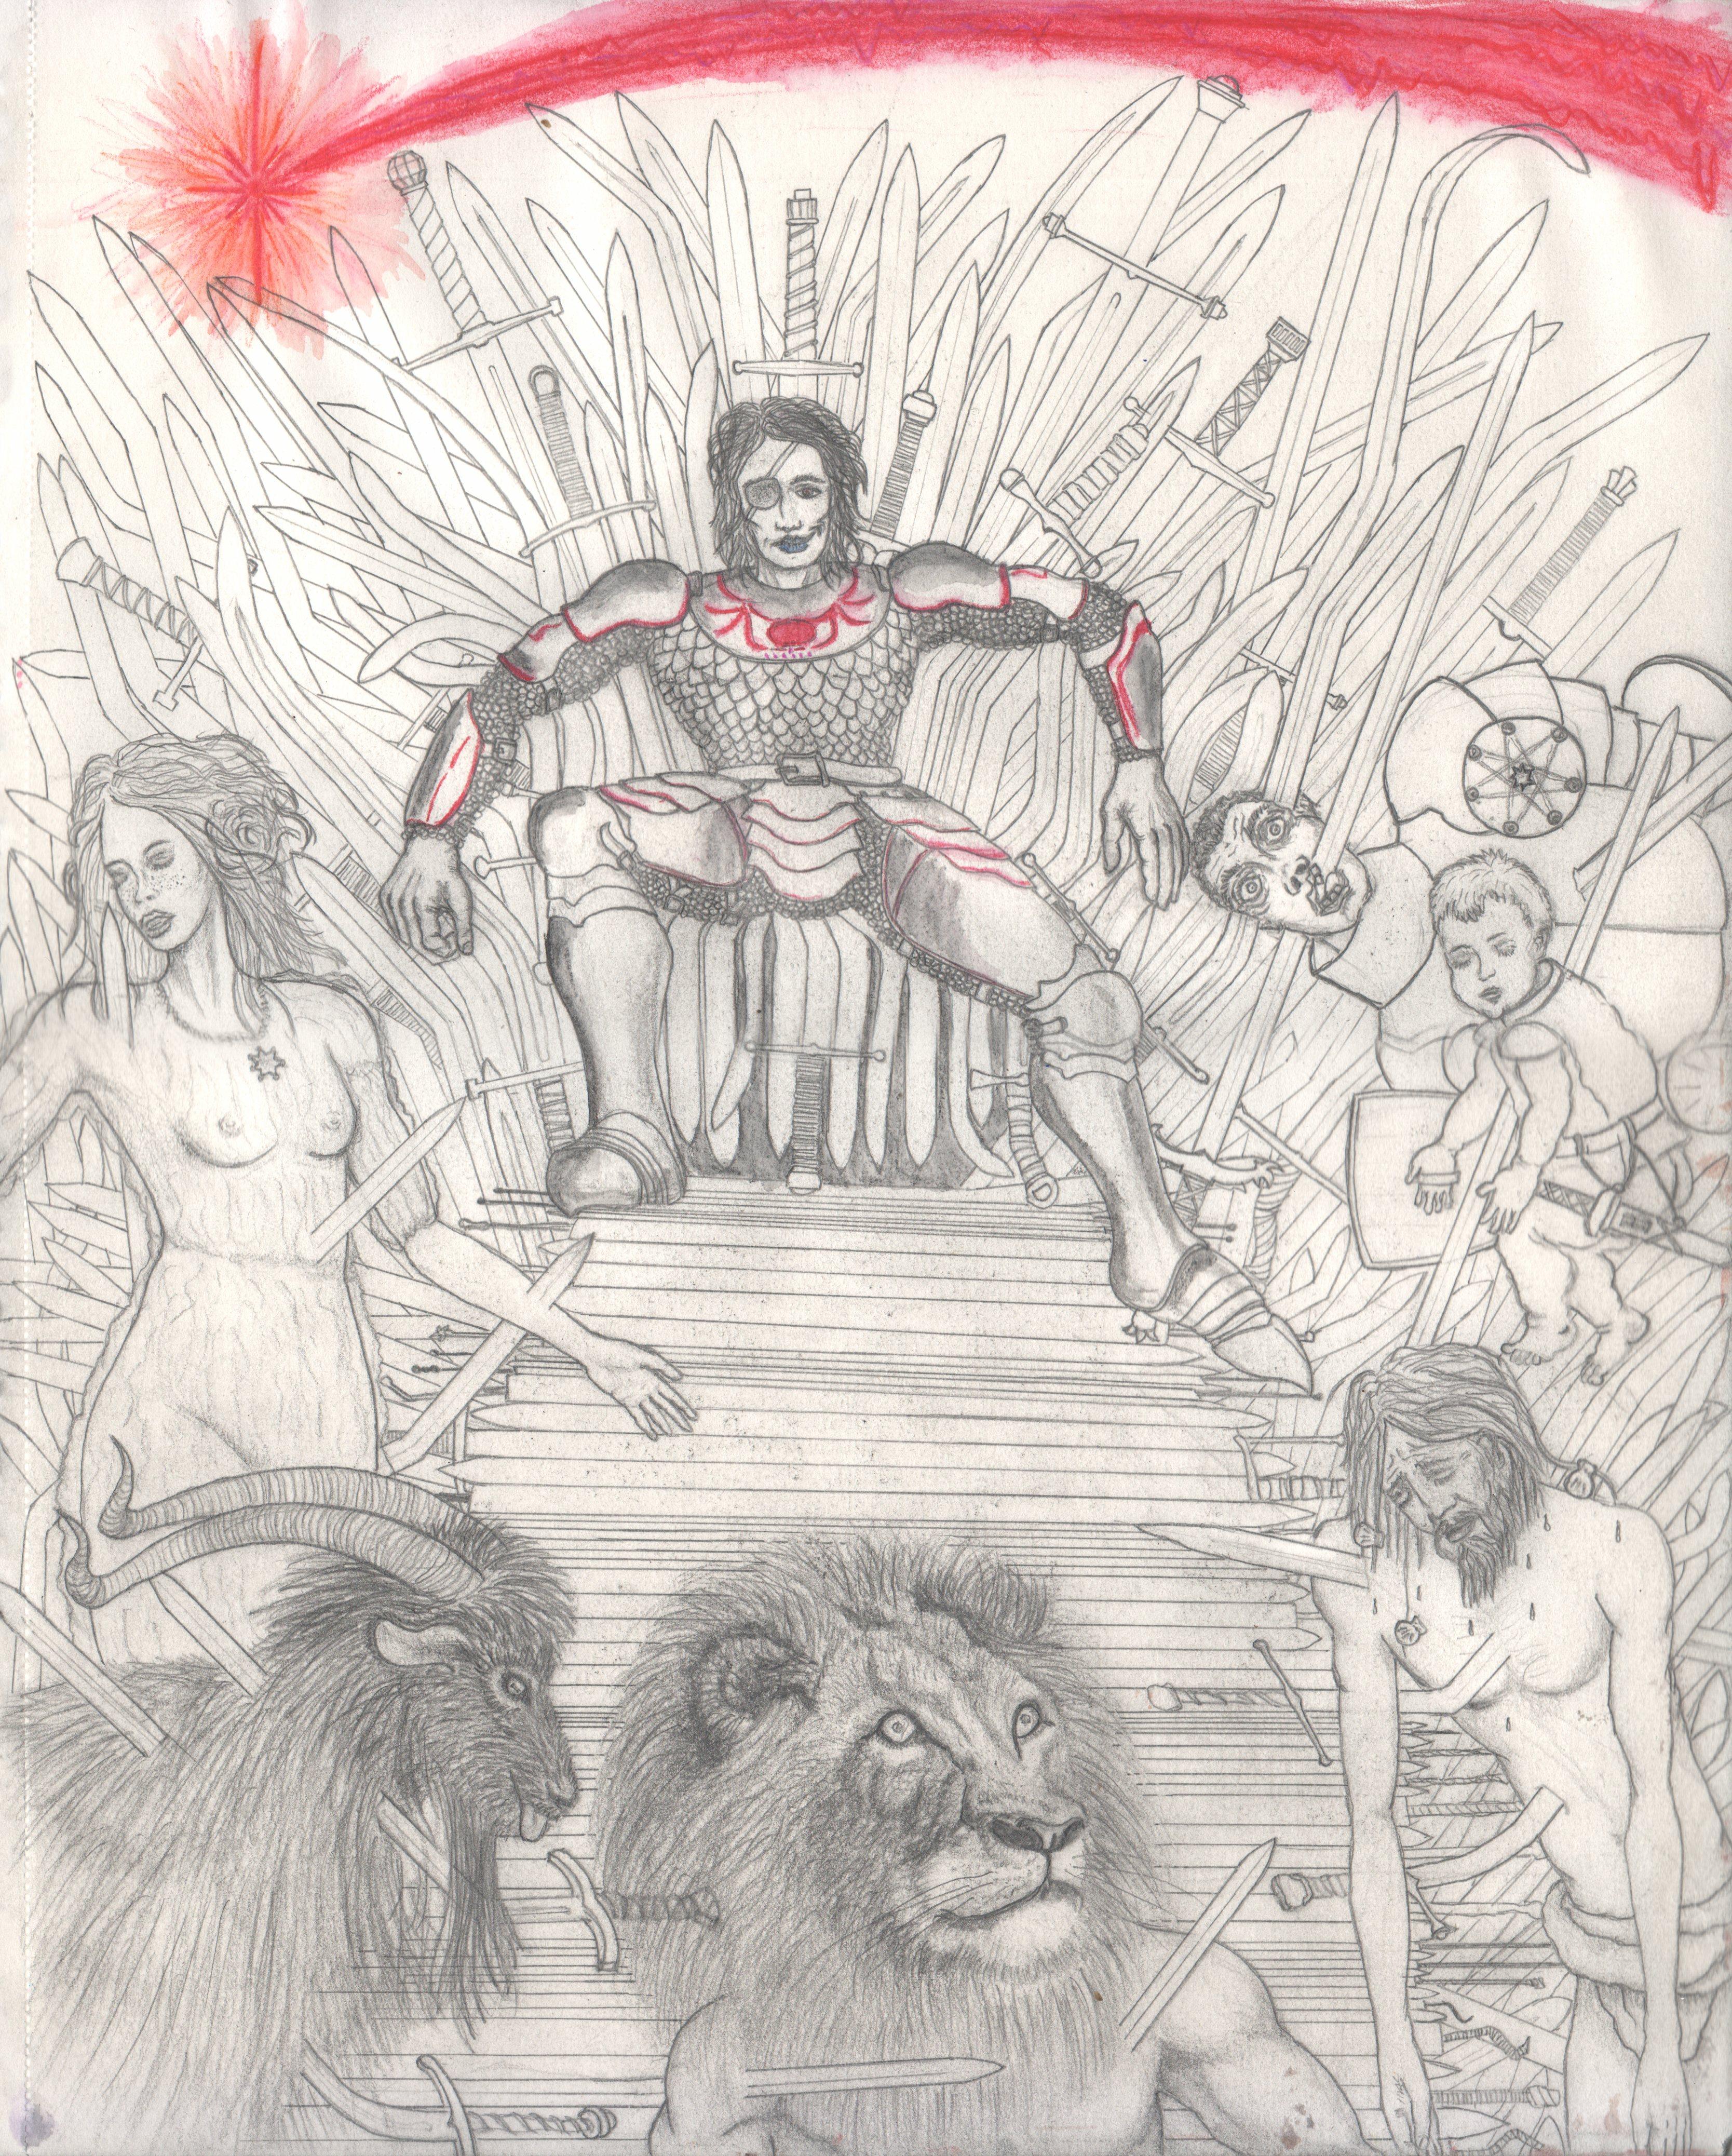 Euron Greyjoy king seated on the Iron Throne